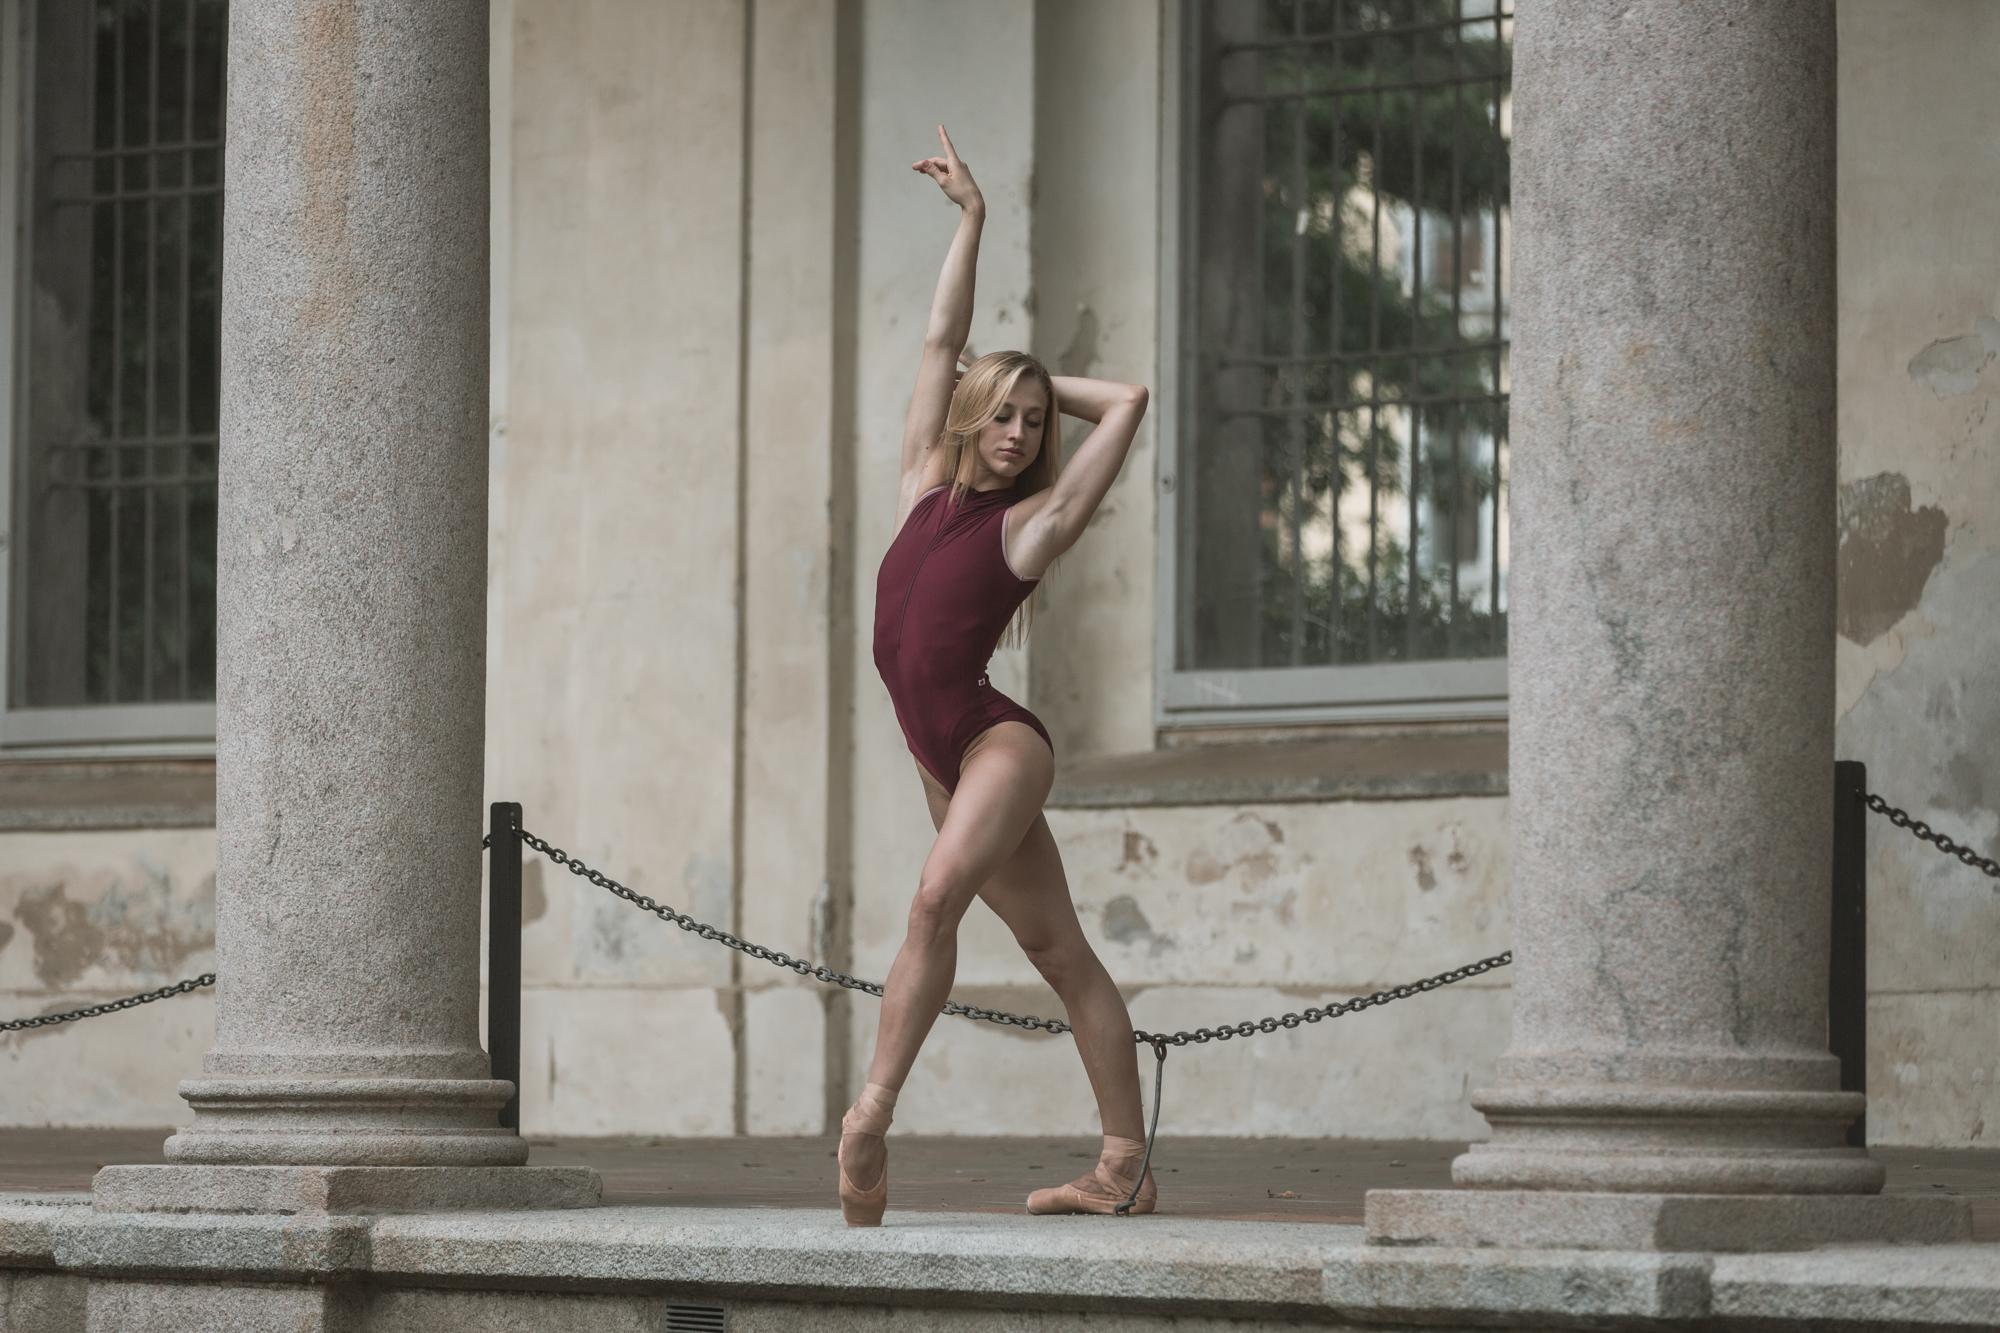 Virna_ballerina-3